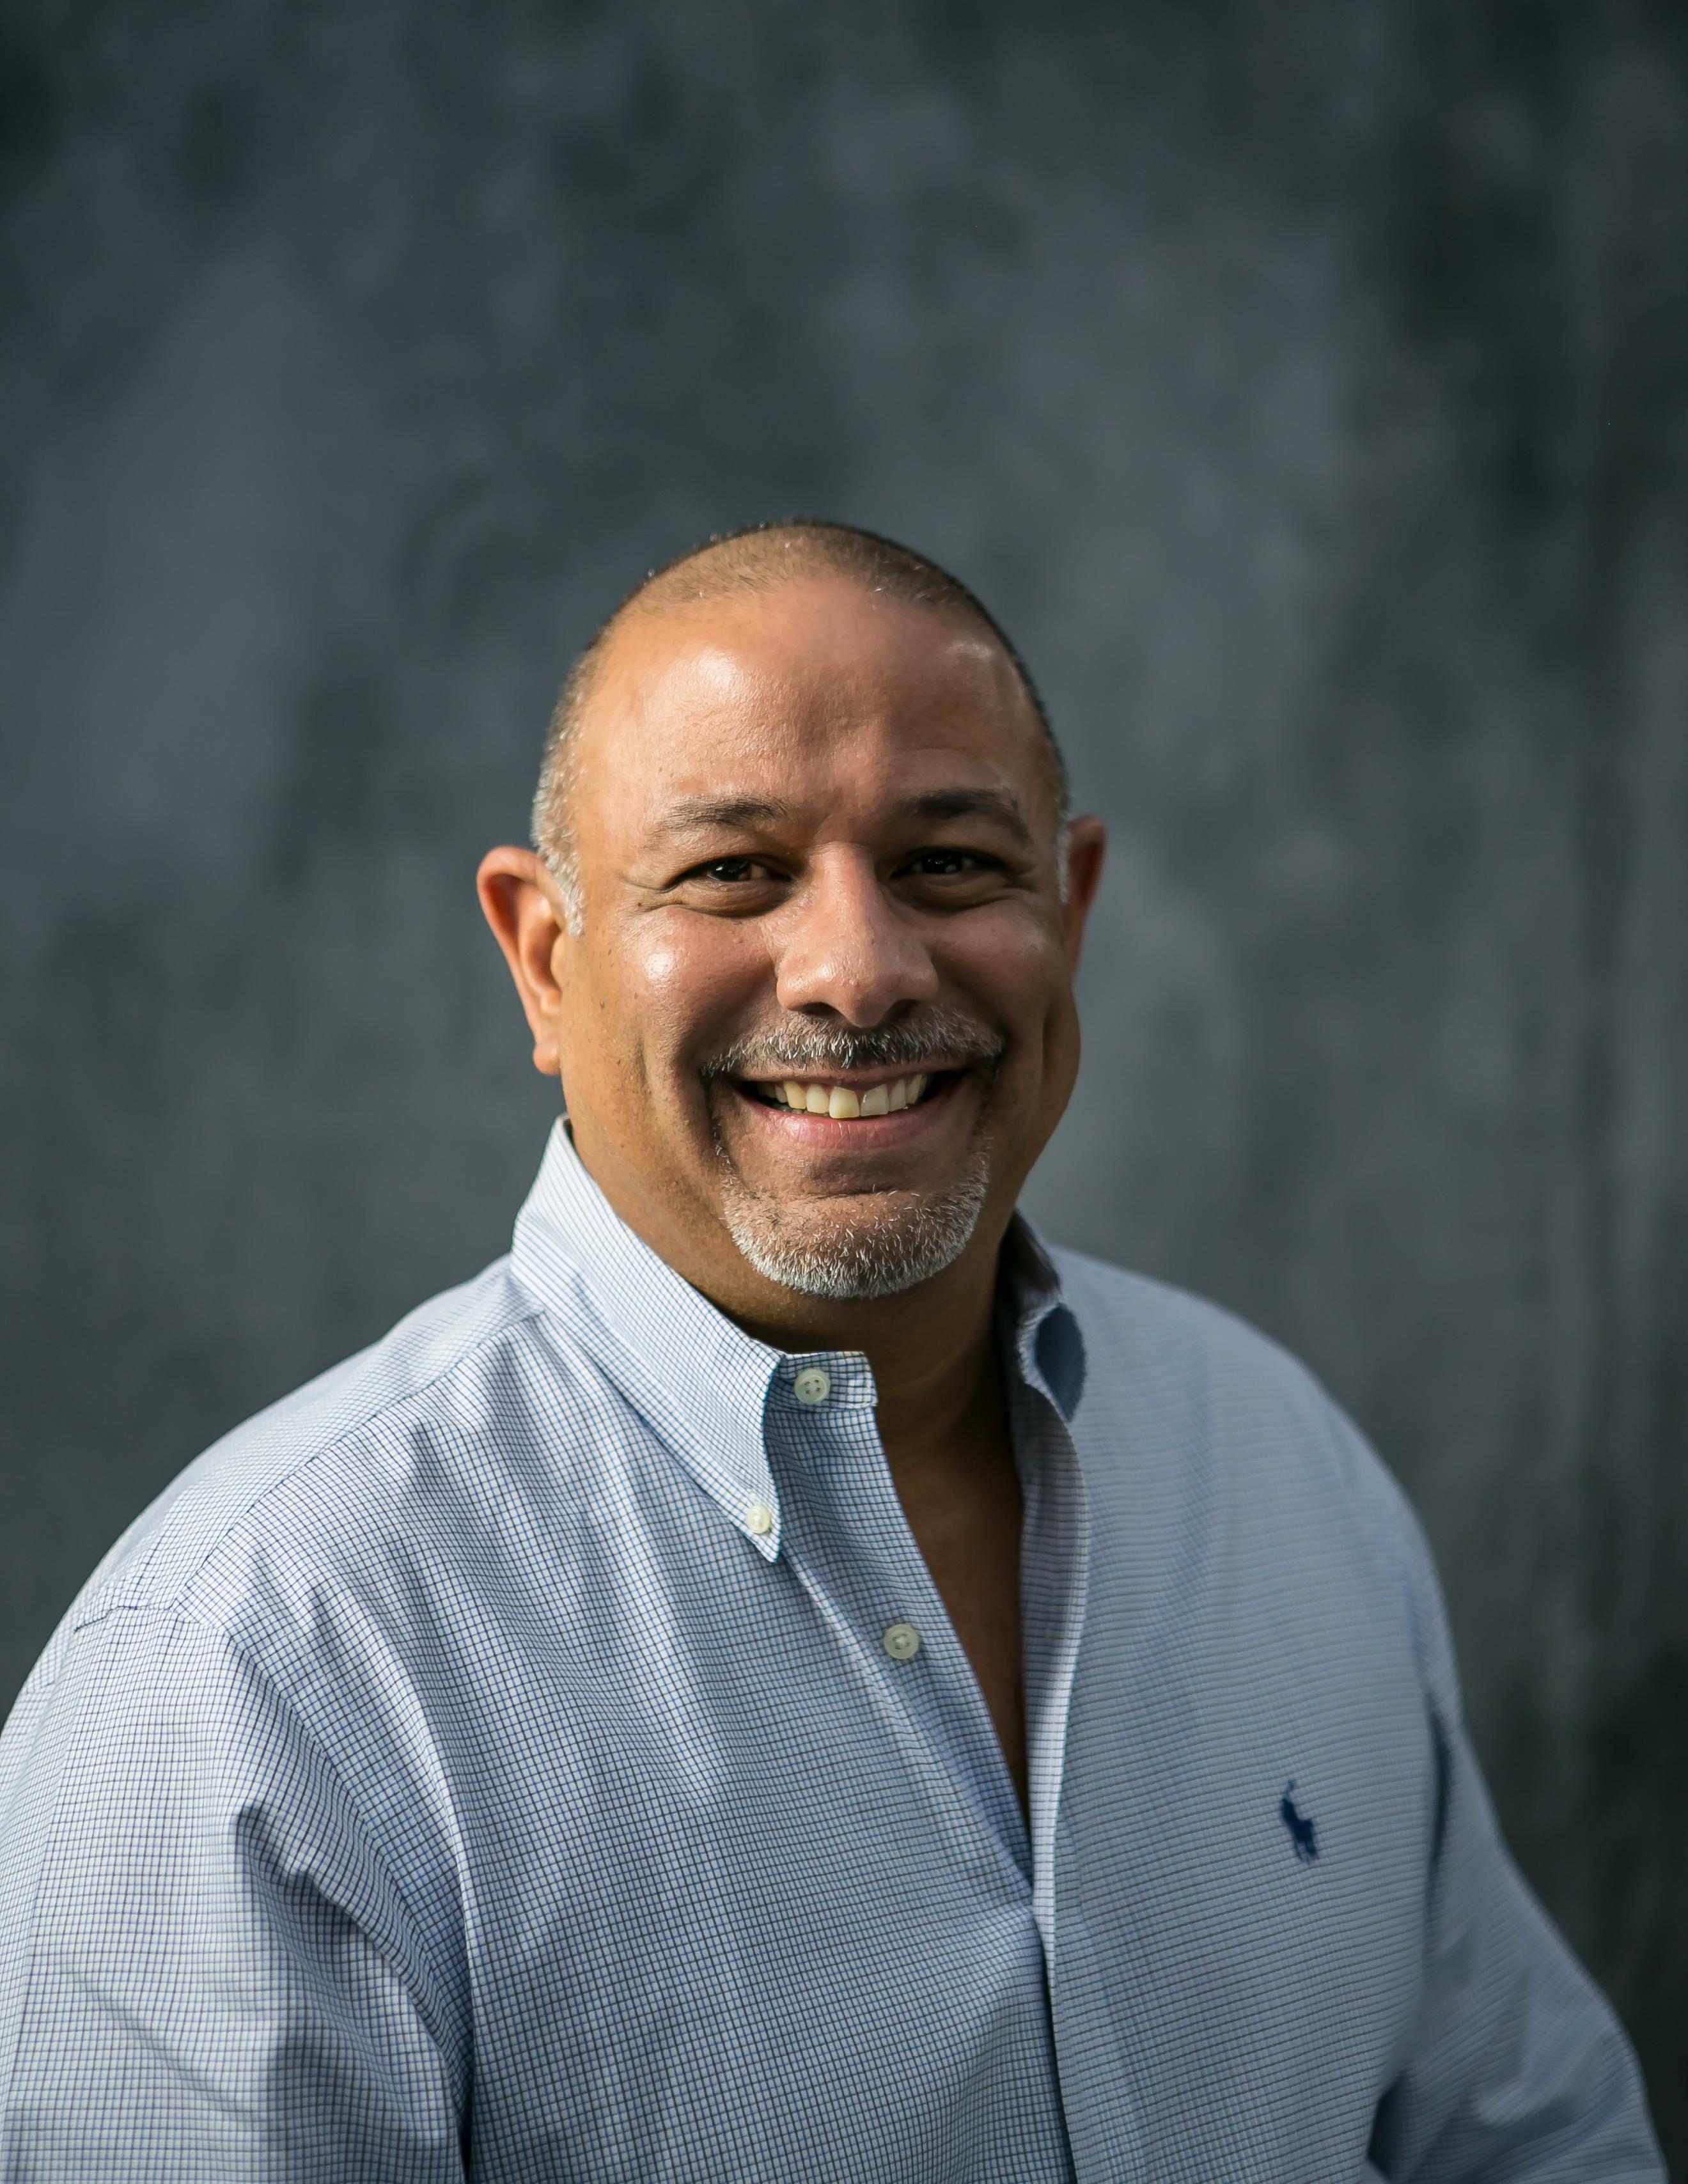 Headshot of Neftali Rodriguez